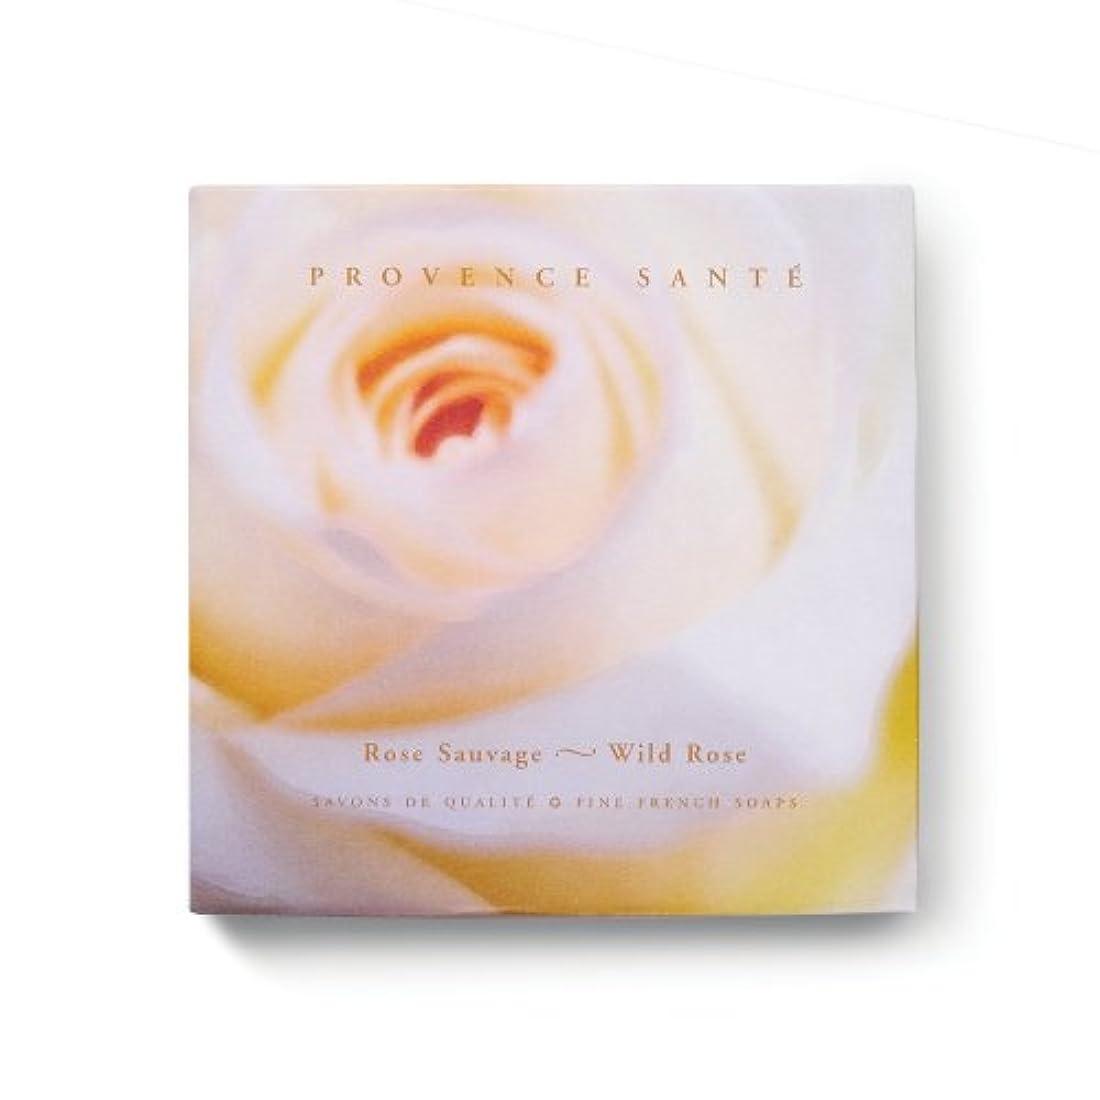 樹皮欺く茎Provence Sante PS Gift Soap Wild Rose, 2.7oz 4 Bar Gift Box by Provence Sante [並行輸入品]